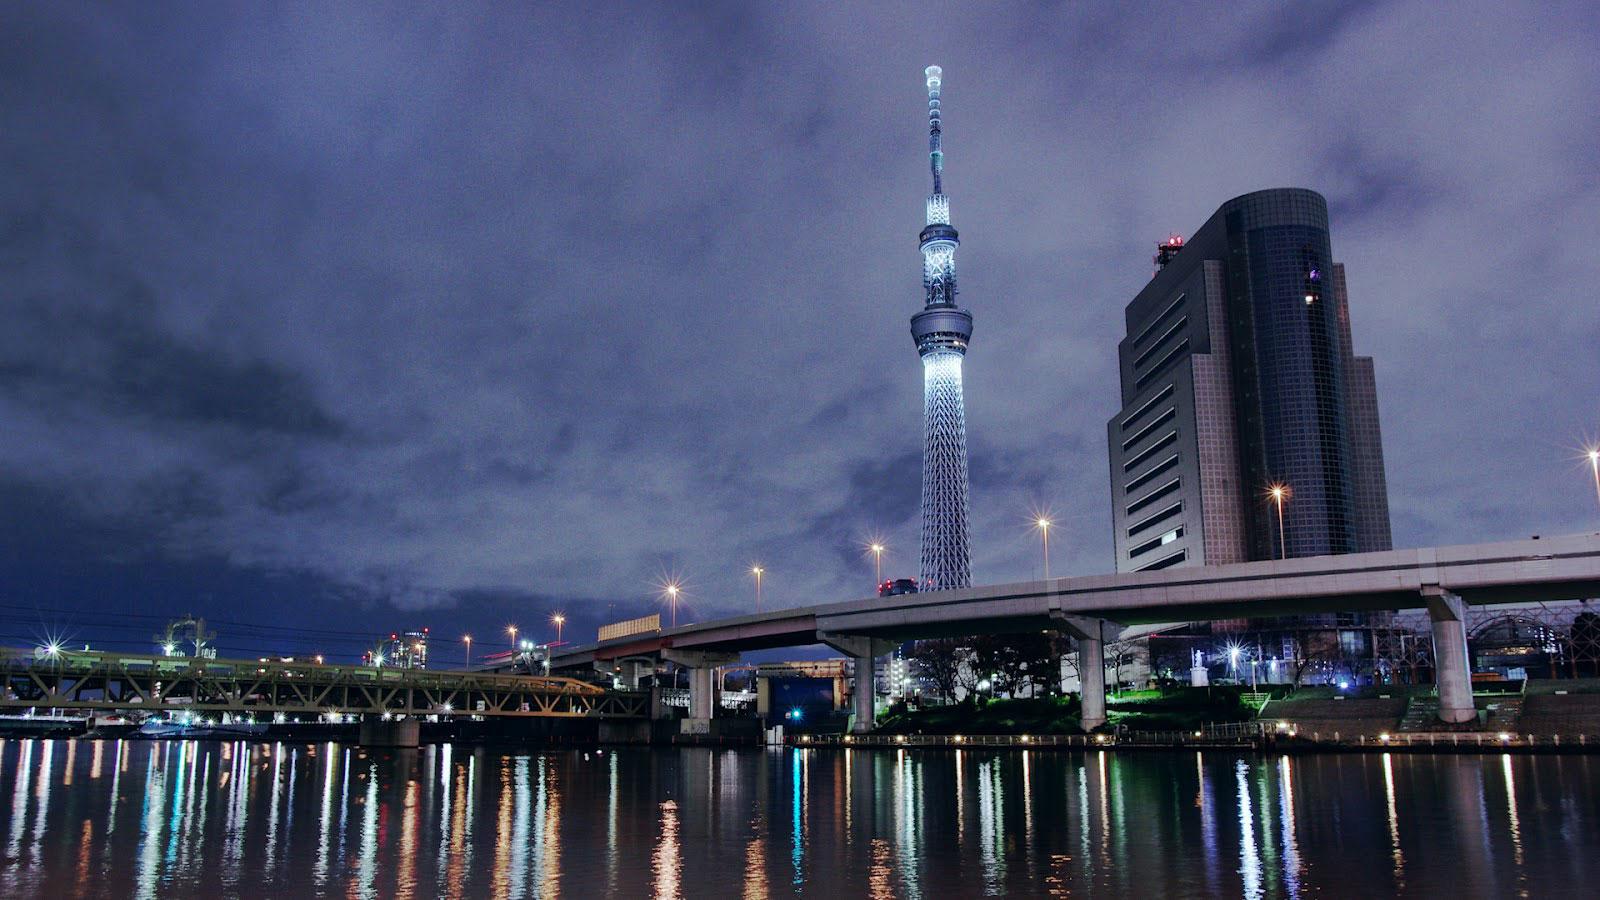 Tháp truyền hình Skytree